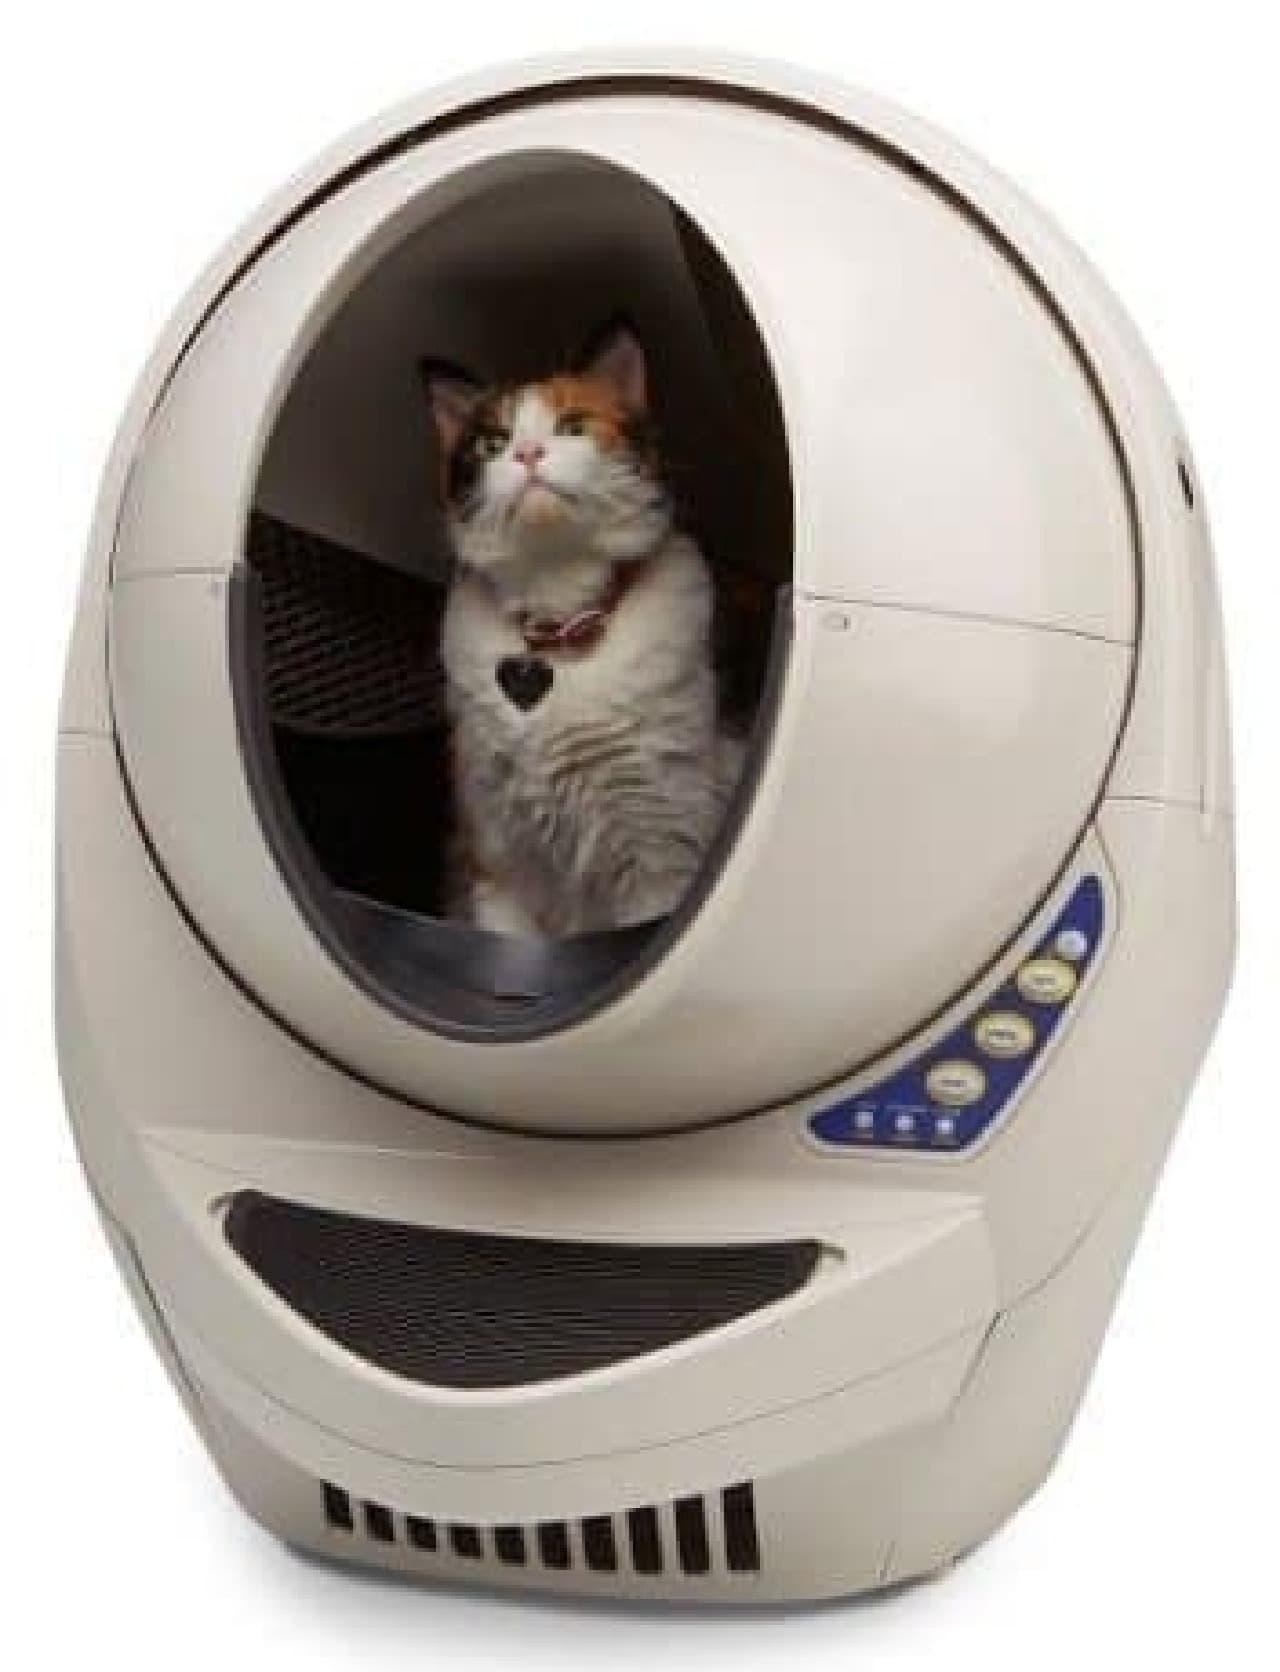 6か月以上なら、大体大丈夫ニャ  ちなみに、生まれたばかりの子ネコは100グラムくらいだニャ